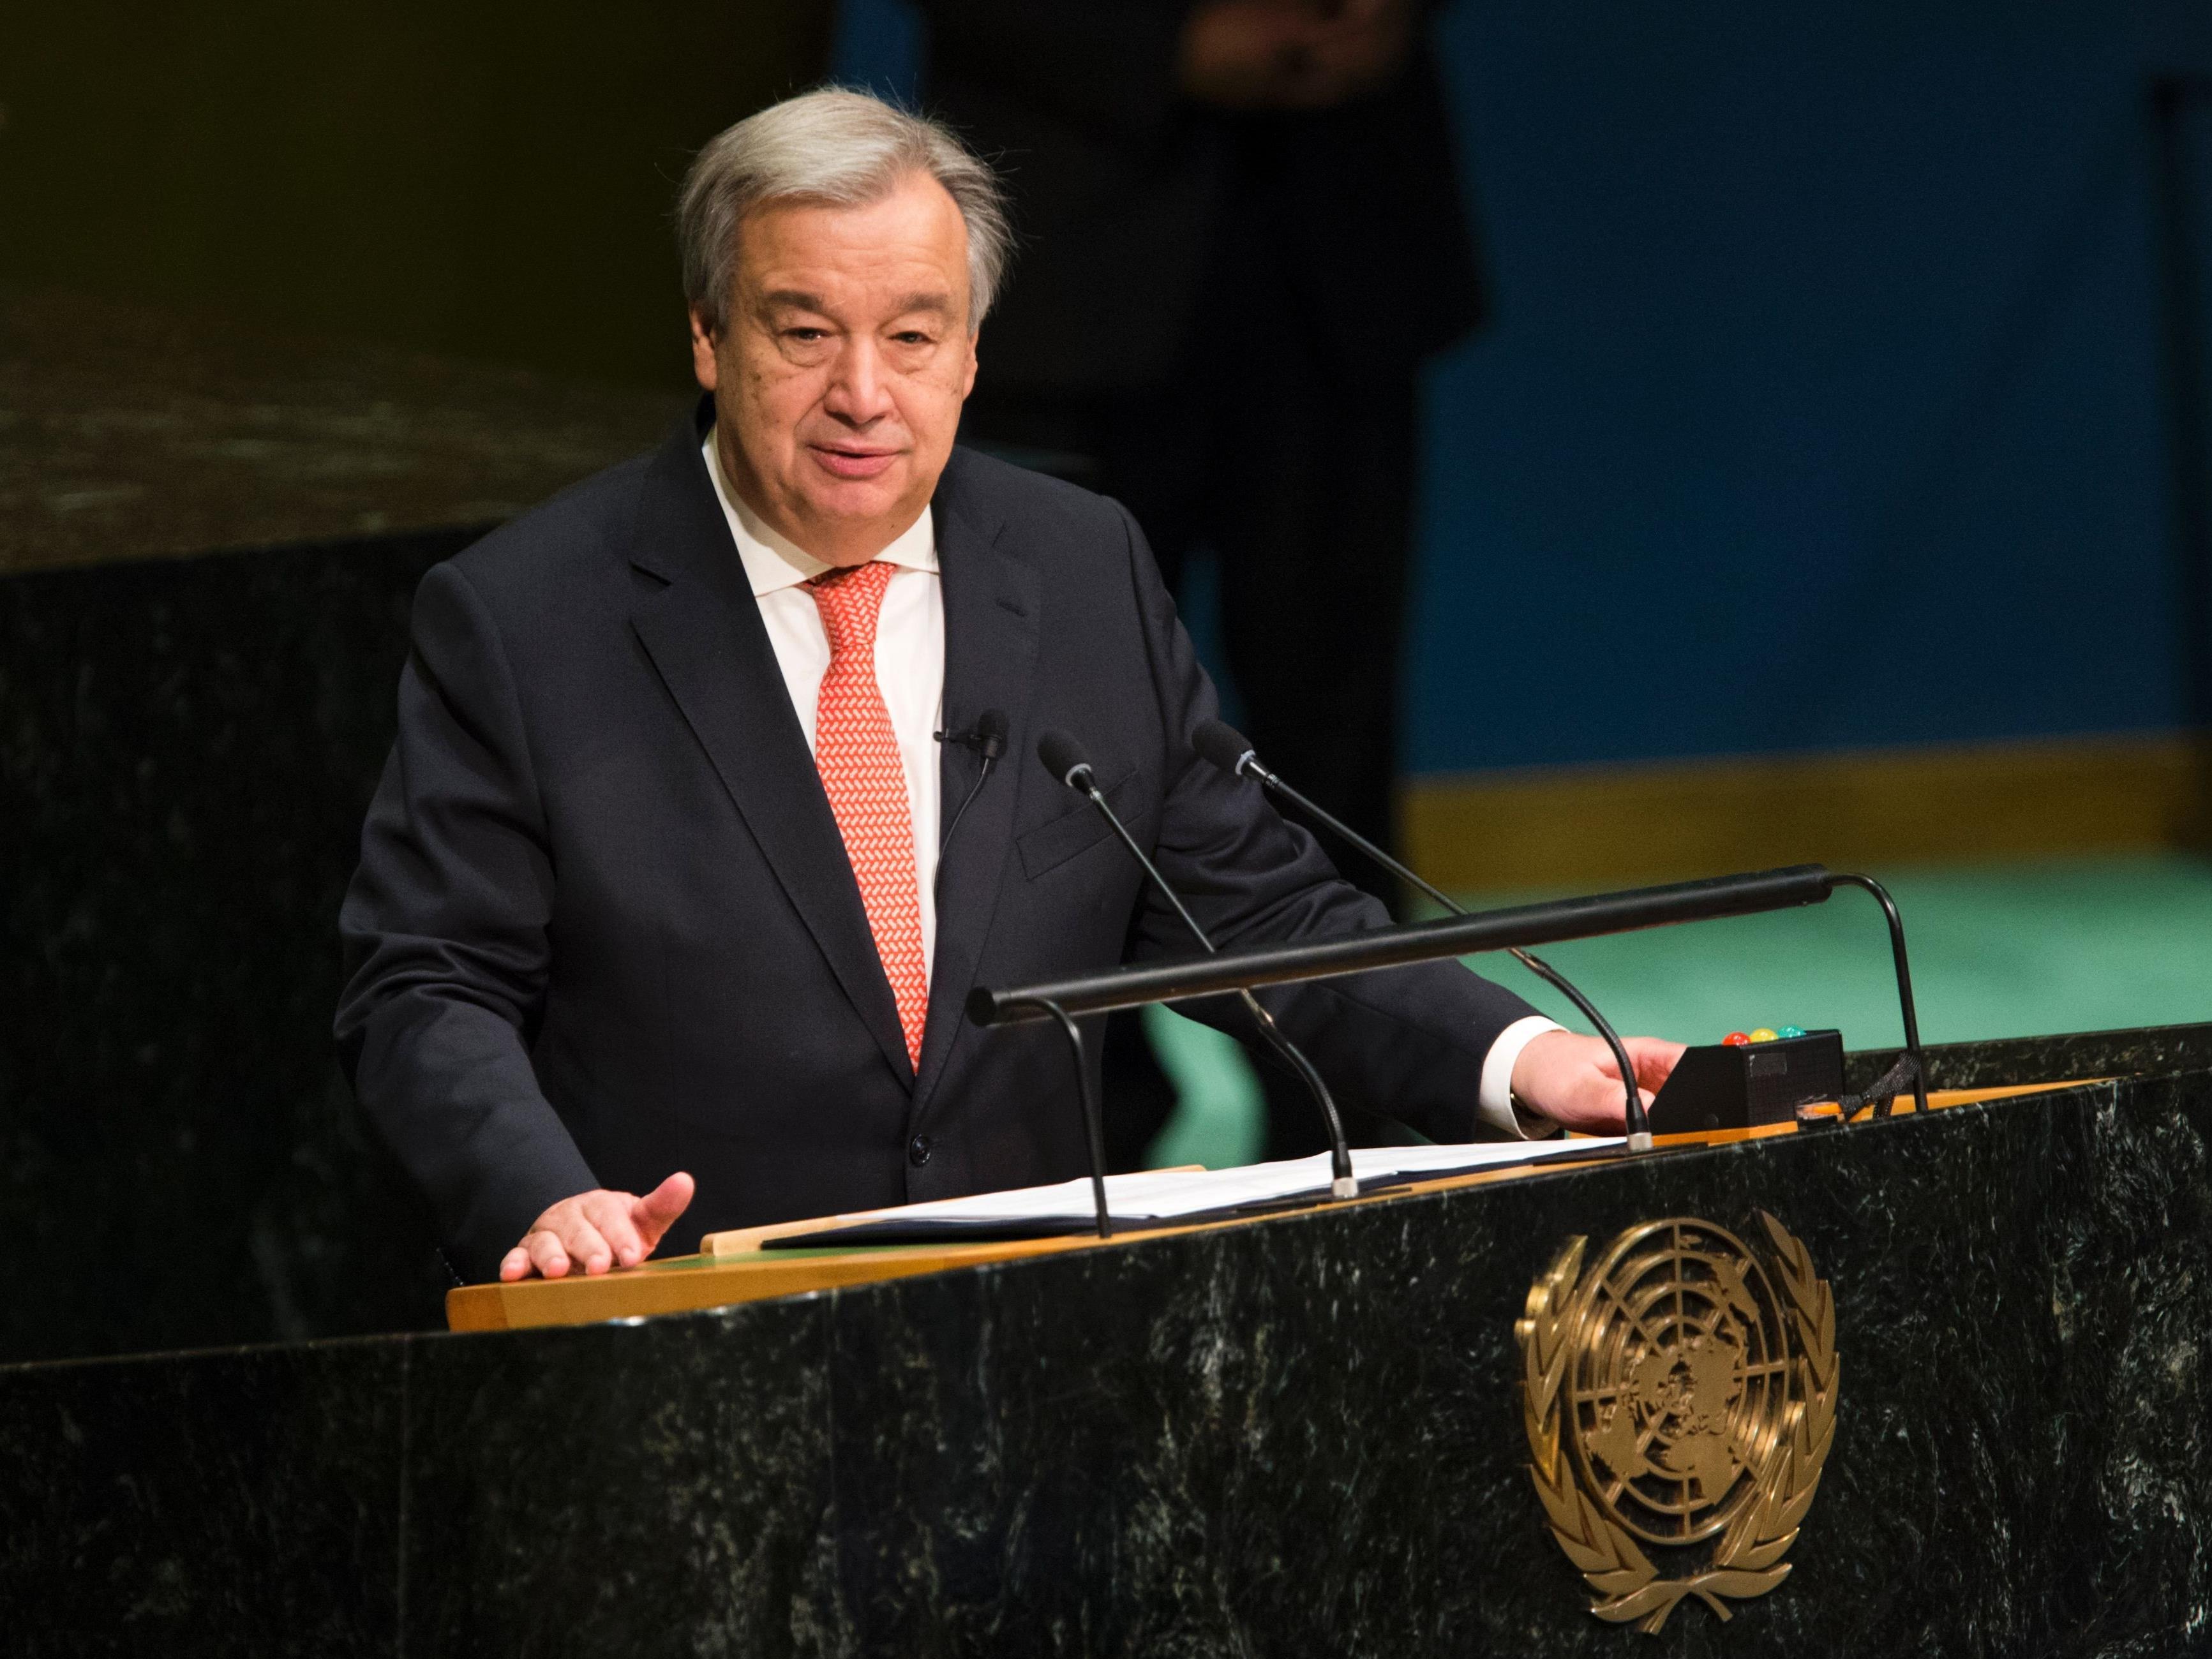 Antonio Guterres legte seinen Amtseid als neuer EU-Generalsekräter ab.